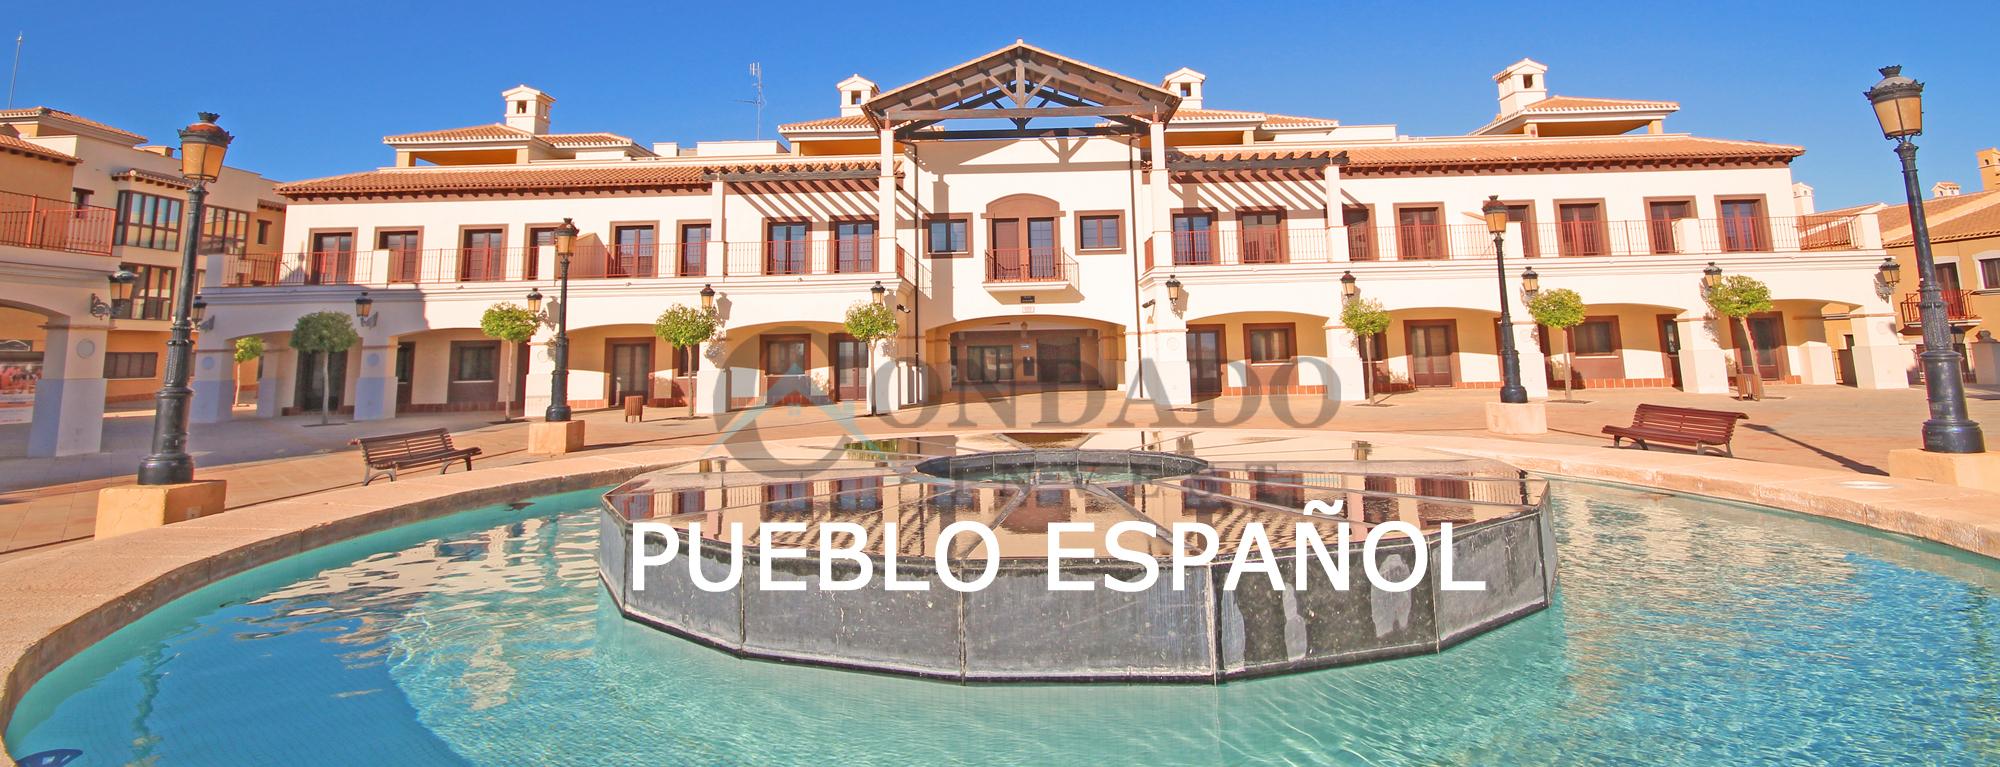 hacienda-del-alamo-condado-invest-pueblo-espaol